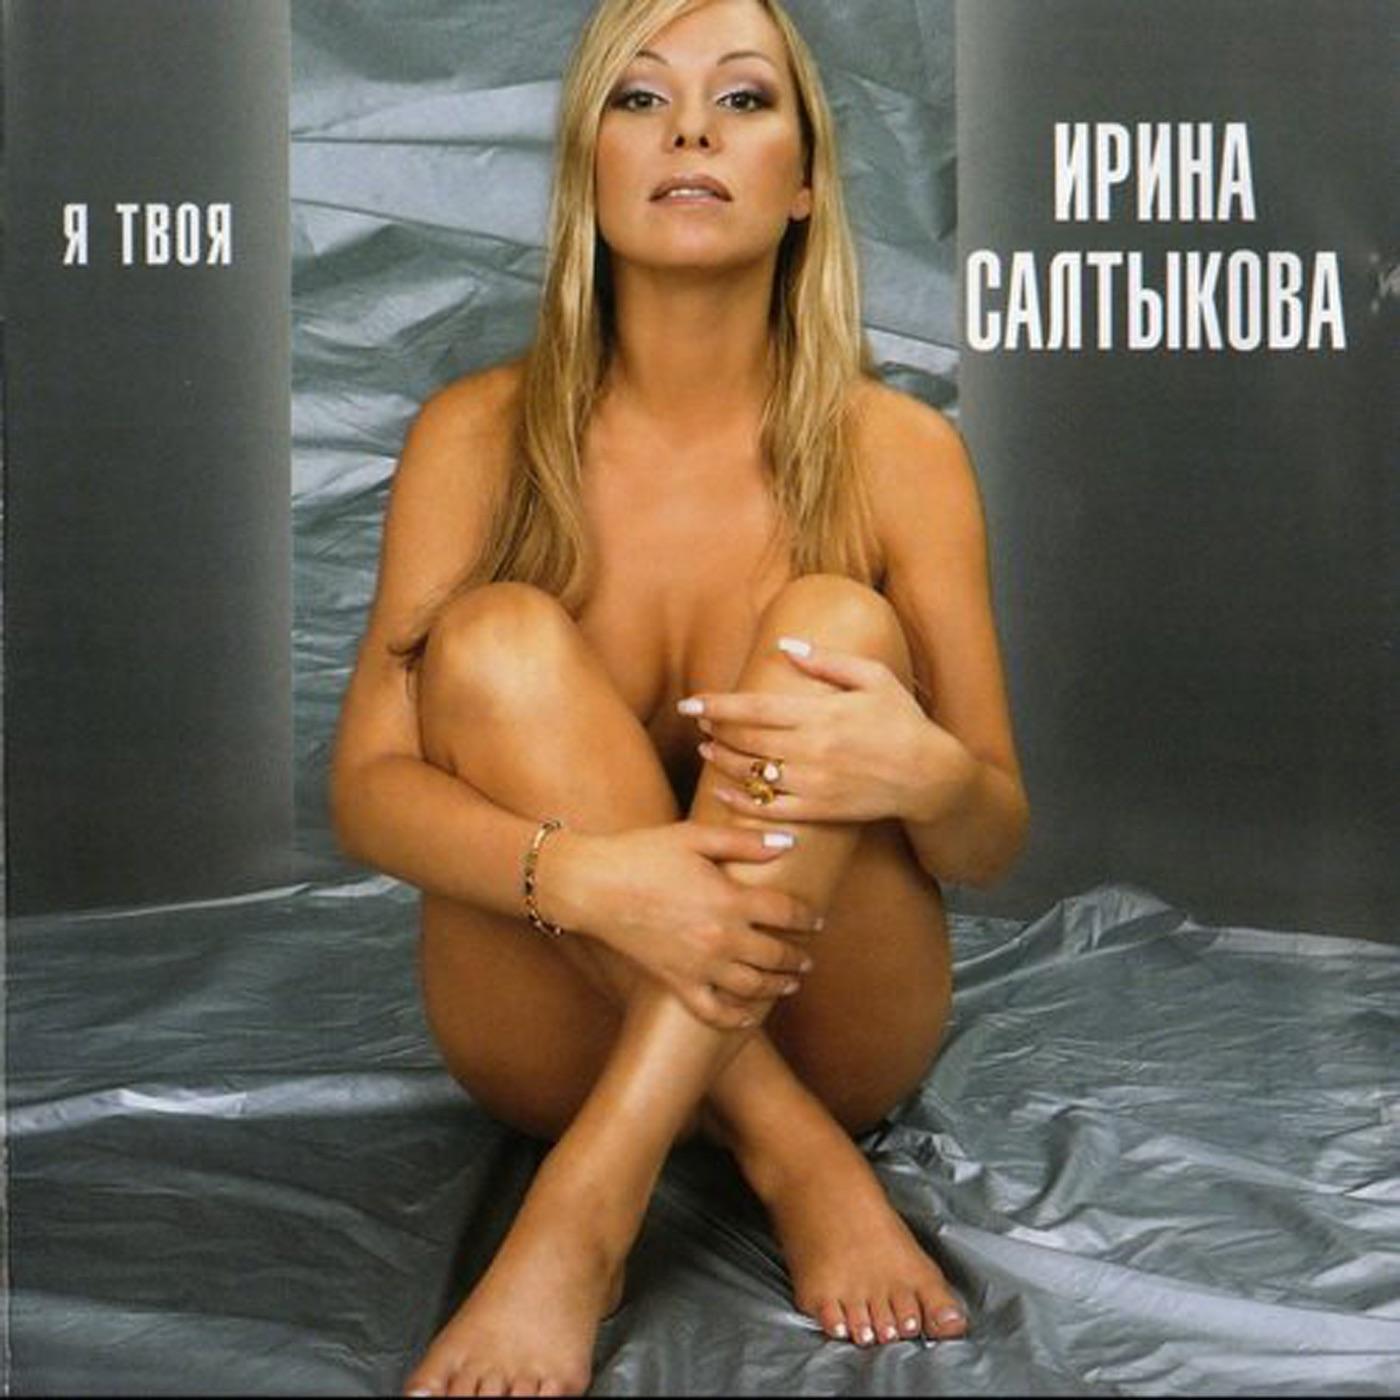 Фотографии ирины салтыковой в купальнике 9 фотография